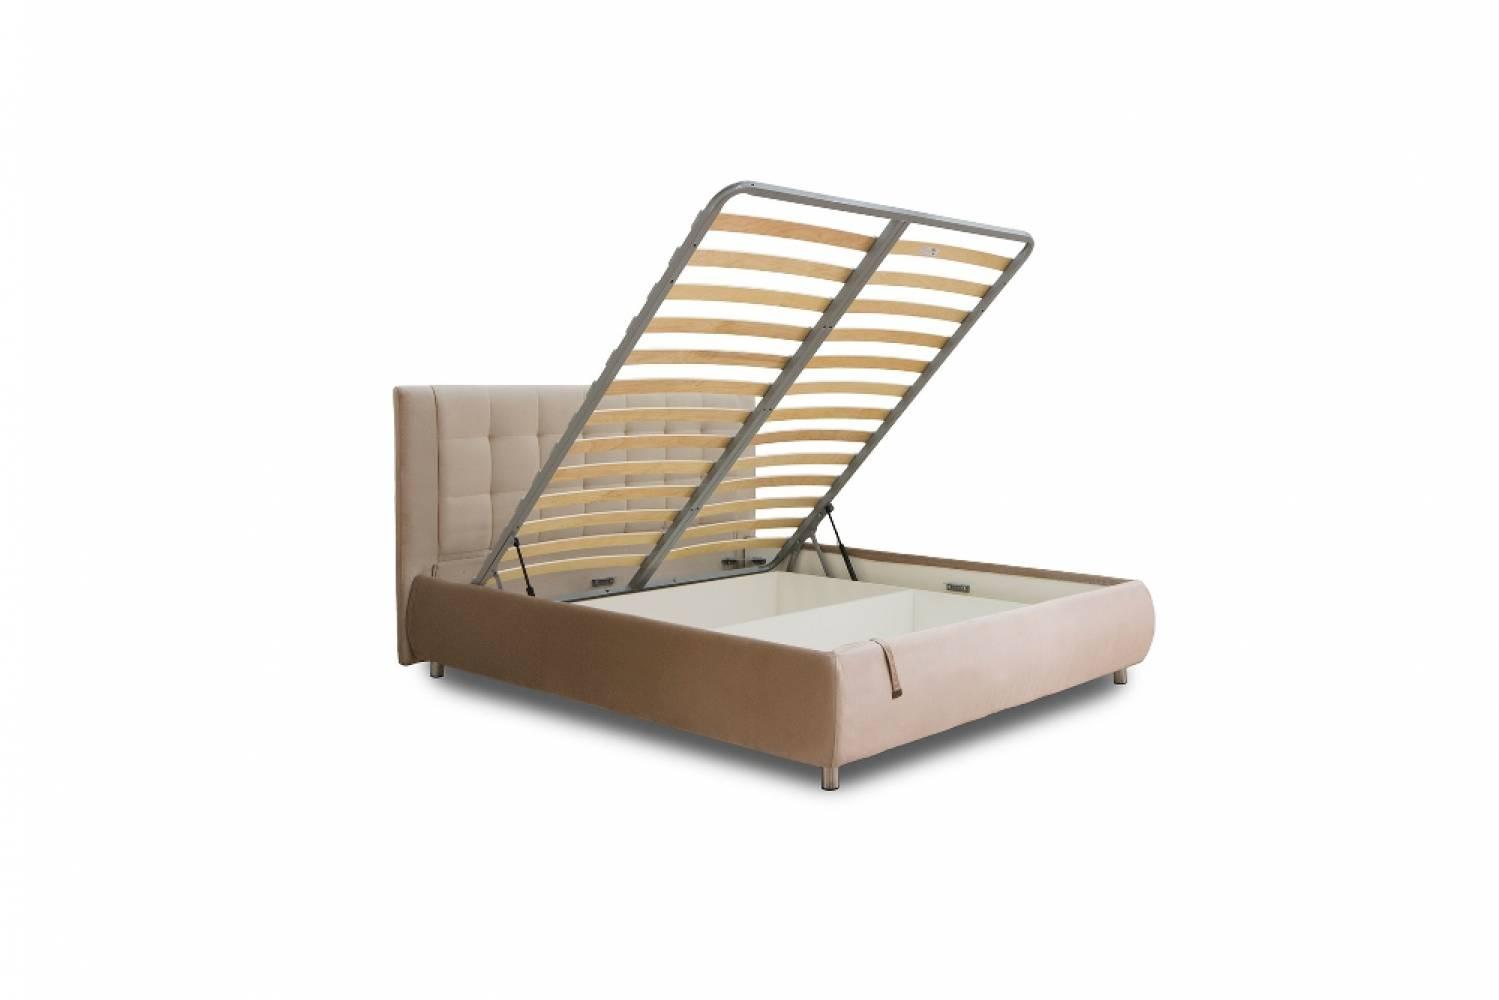 Ящик к кровати 1400 с подъемным механизмом НИКА (Фиора беж)